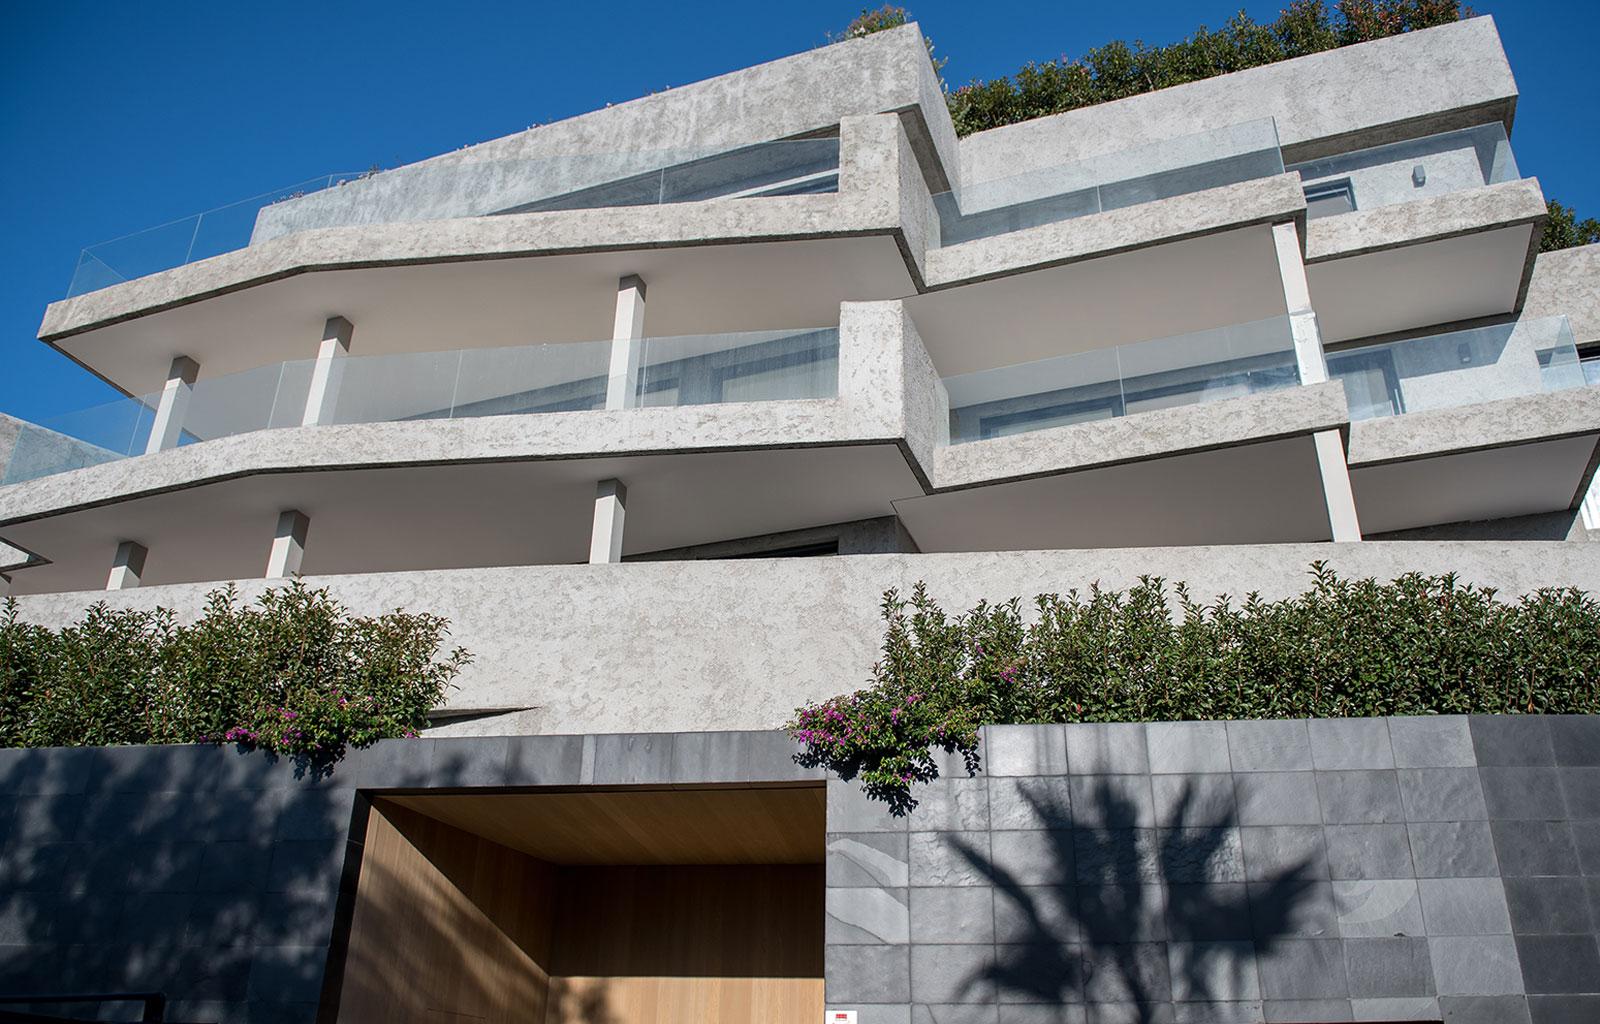 Navio Terraces 3-Bedroom Duplex in Prime Torrequebrada Location – Spectacular Sea Views